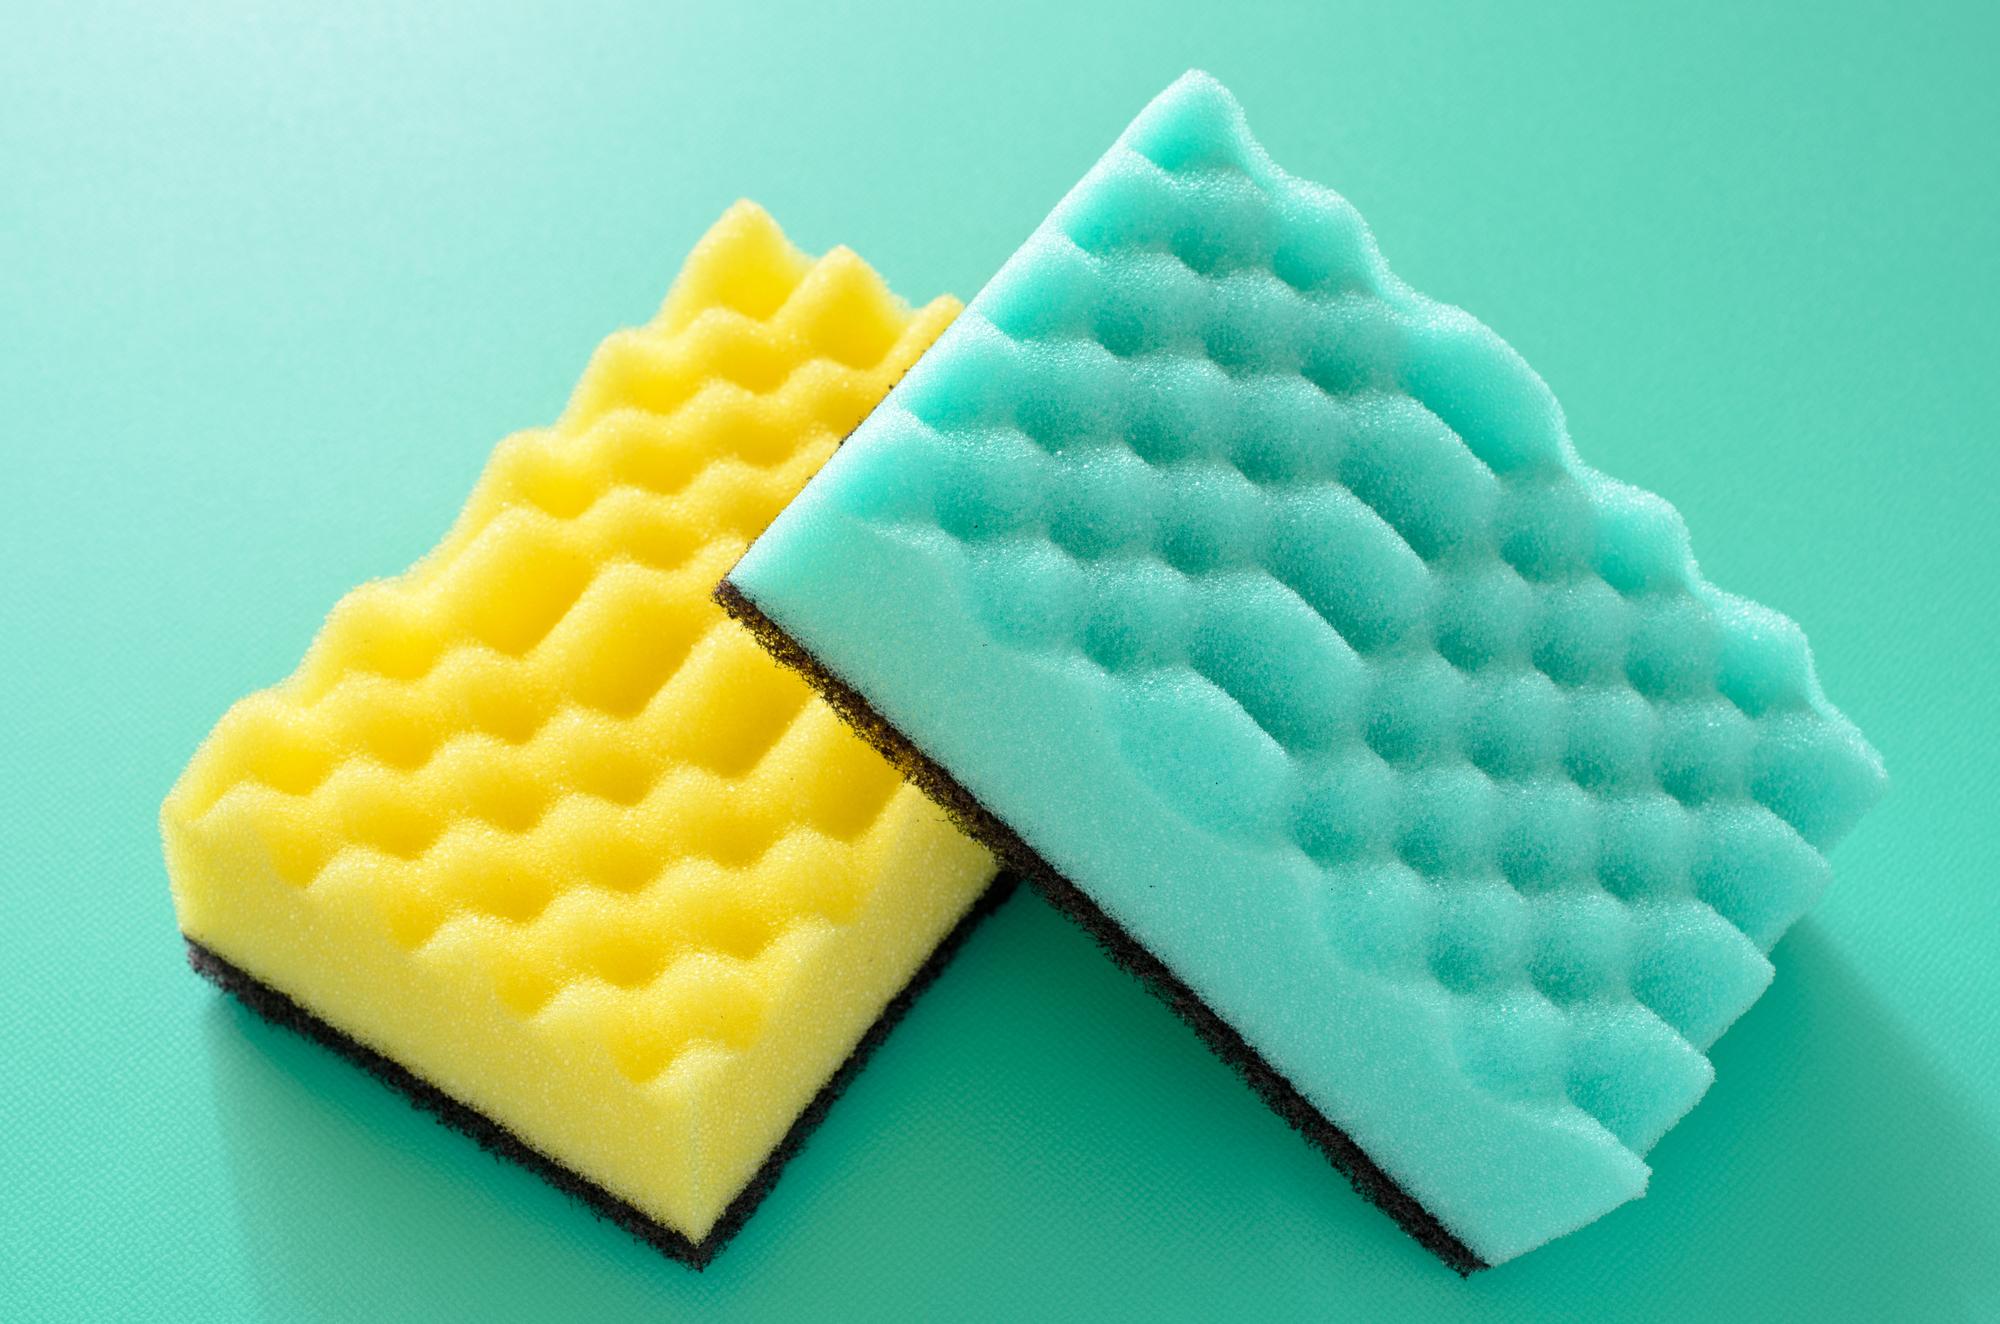 食器洗いスポンジを清潔に保つ方法